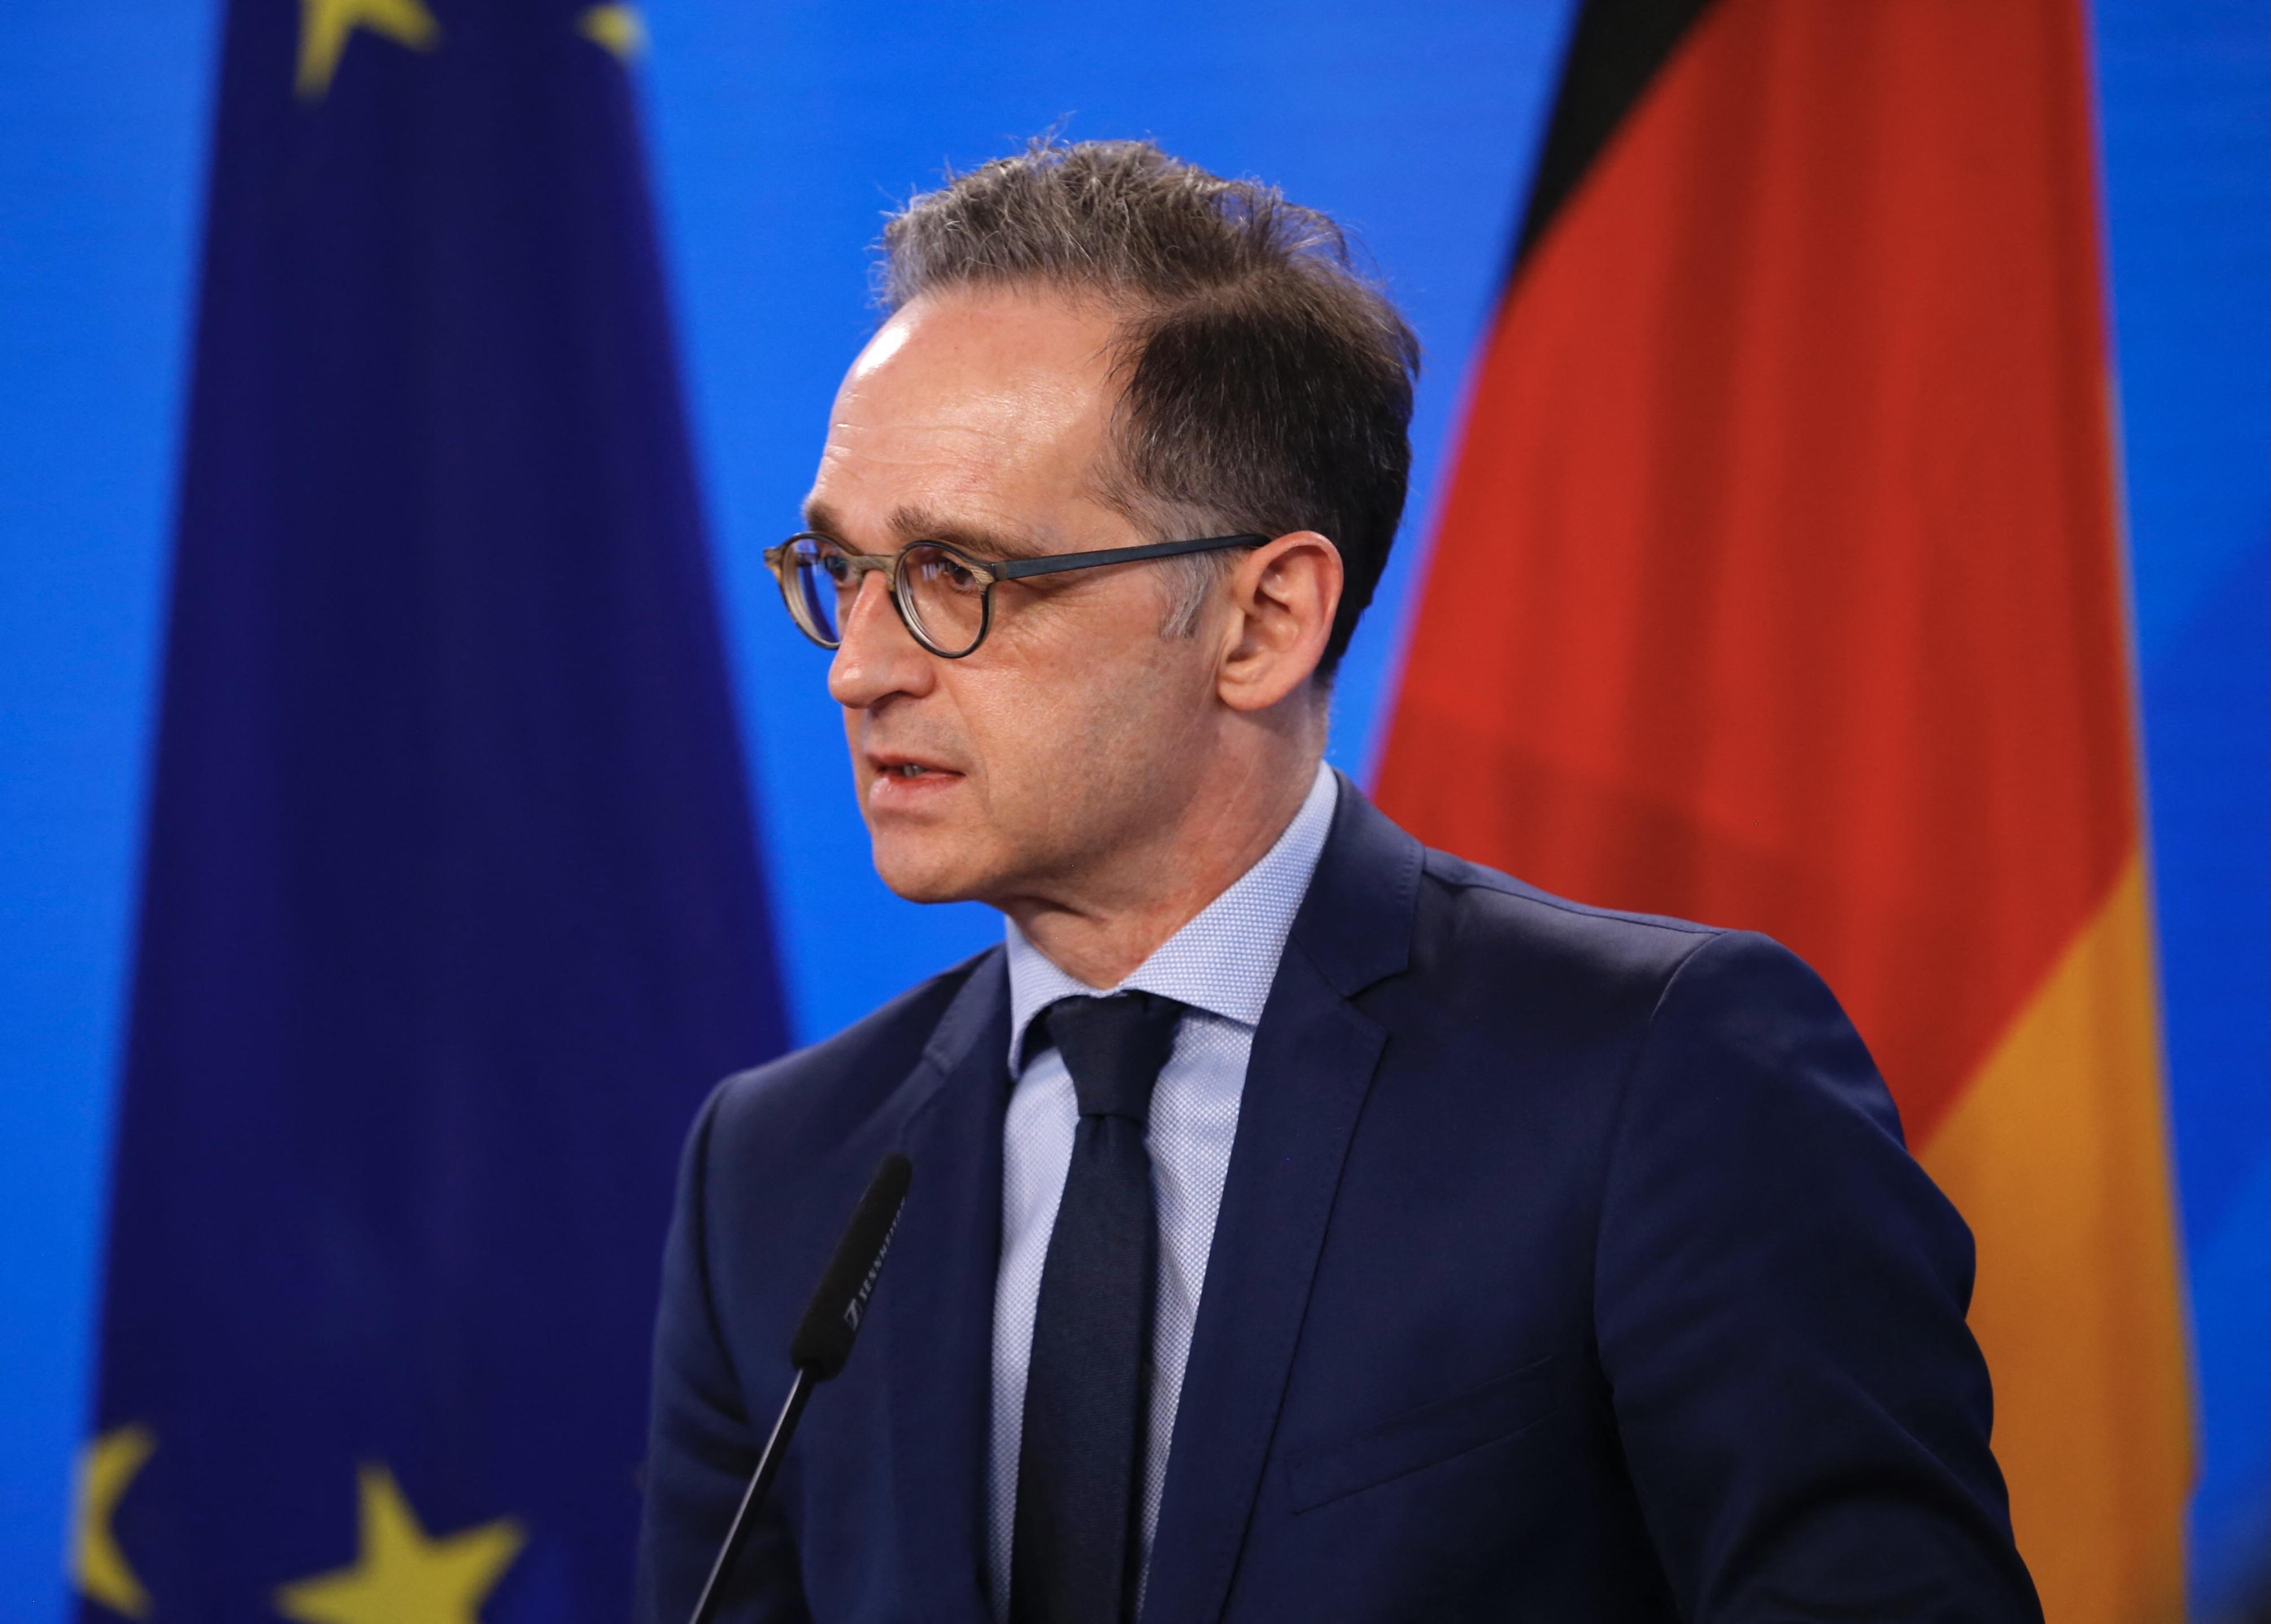 A német külügyminiszter kikelt Magyarország ellen, amiért blokkoltuk a közös uniós kiállást Hongkong ügyében